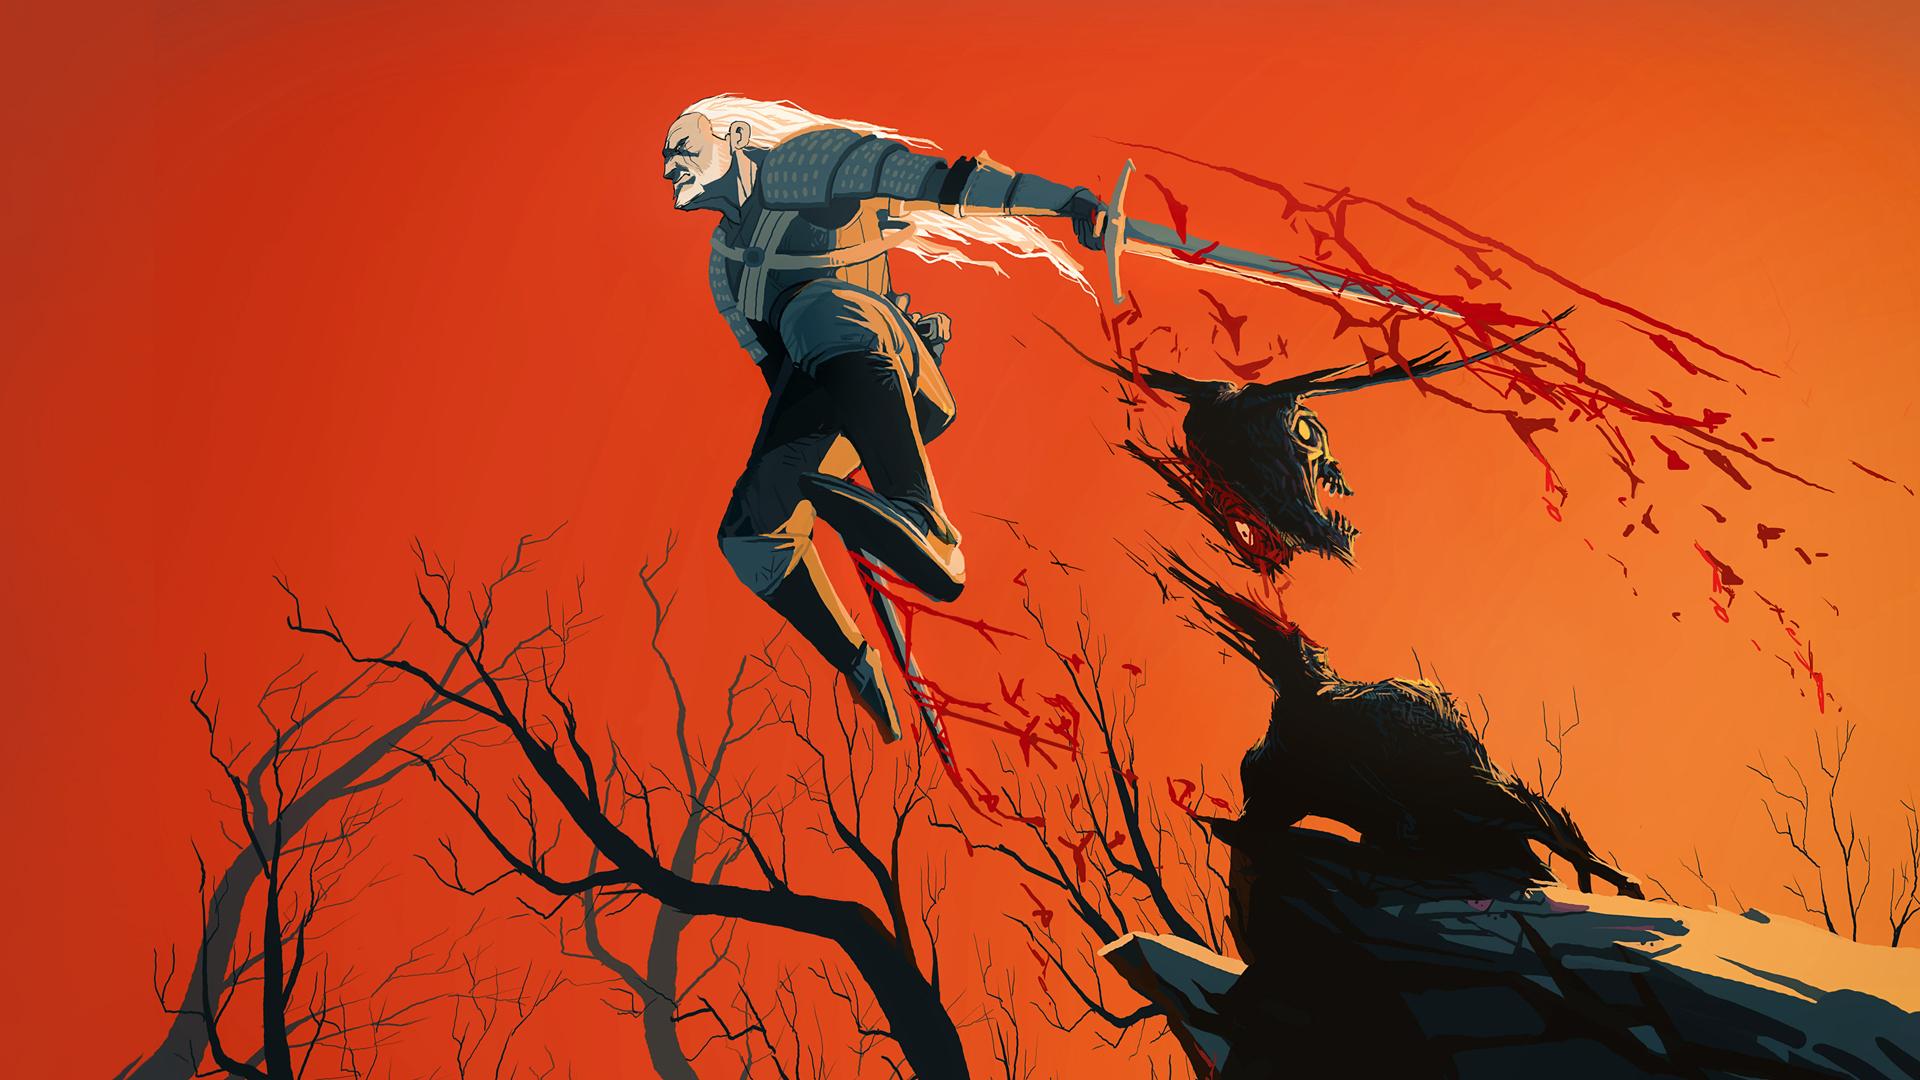 Geralt Wallpaper By Art Calavera On Deviantart